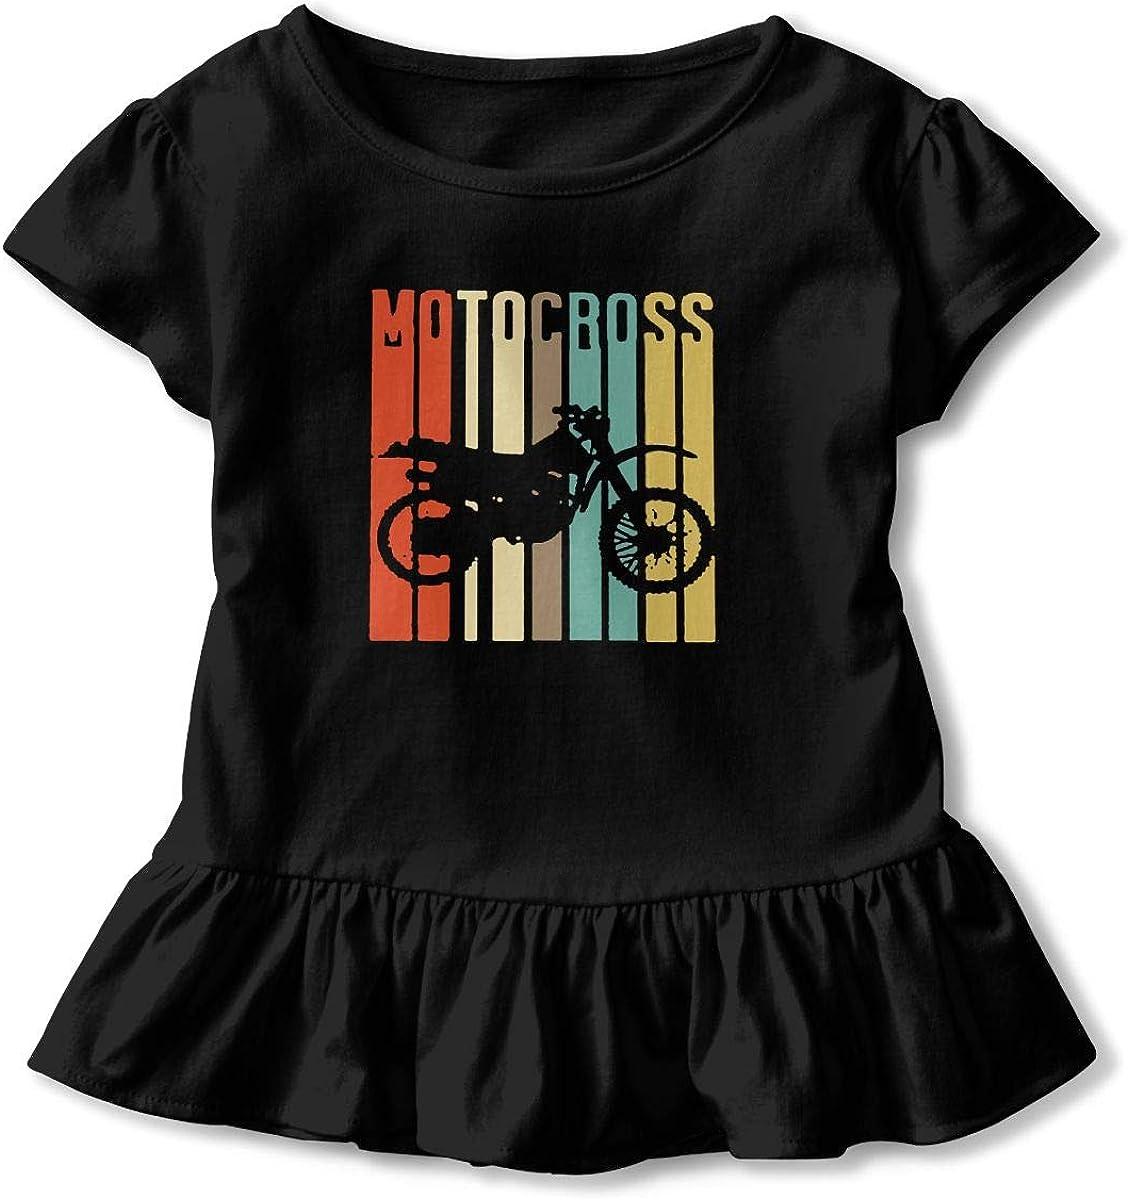 Cheng Jian Bo Cool Motocross Bike Toddler Girls T Shirt Kids Cotton Short Sleeve Ruffle Tee